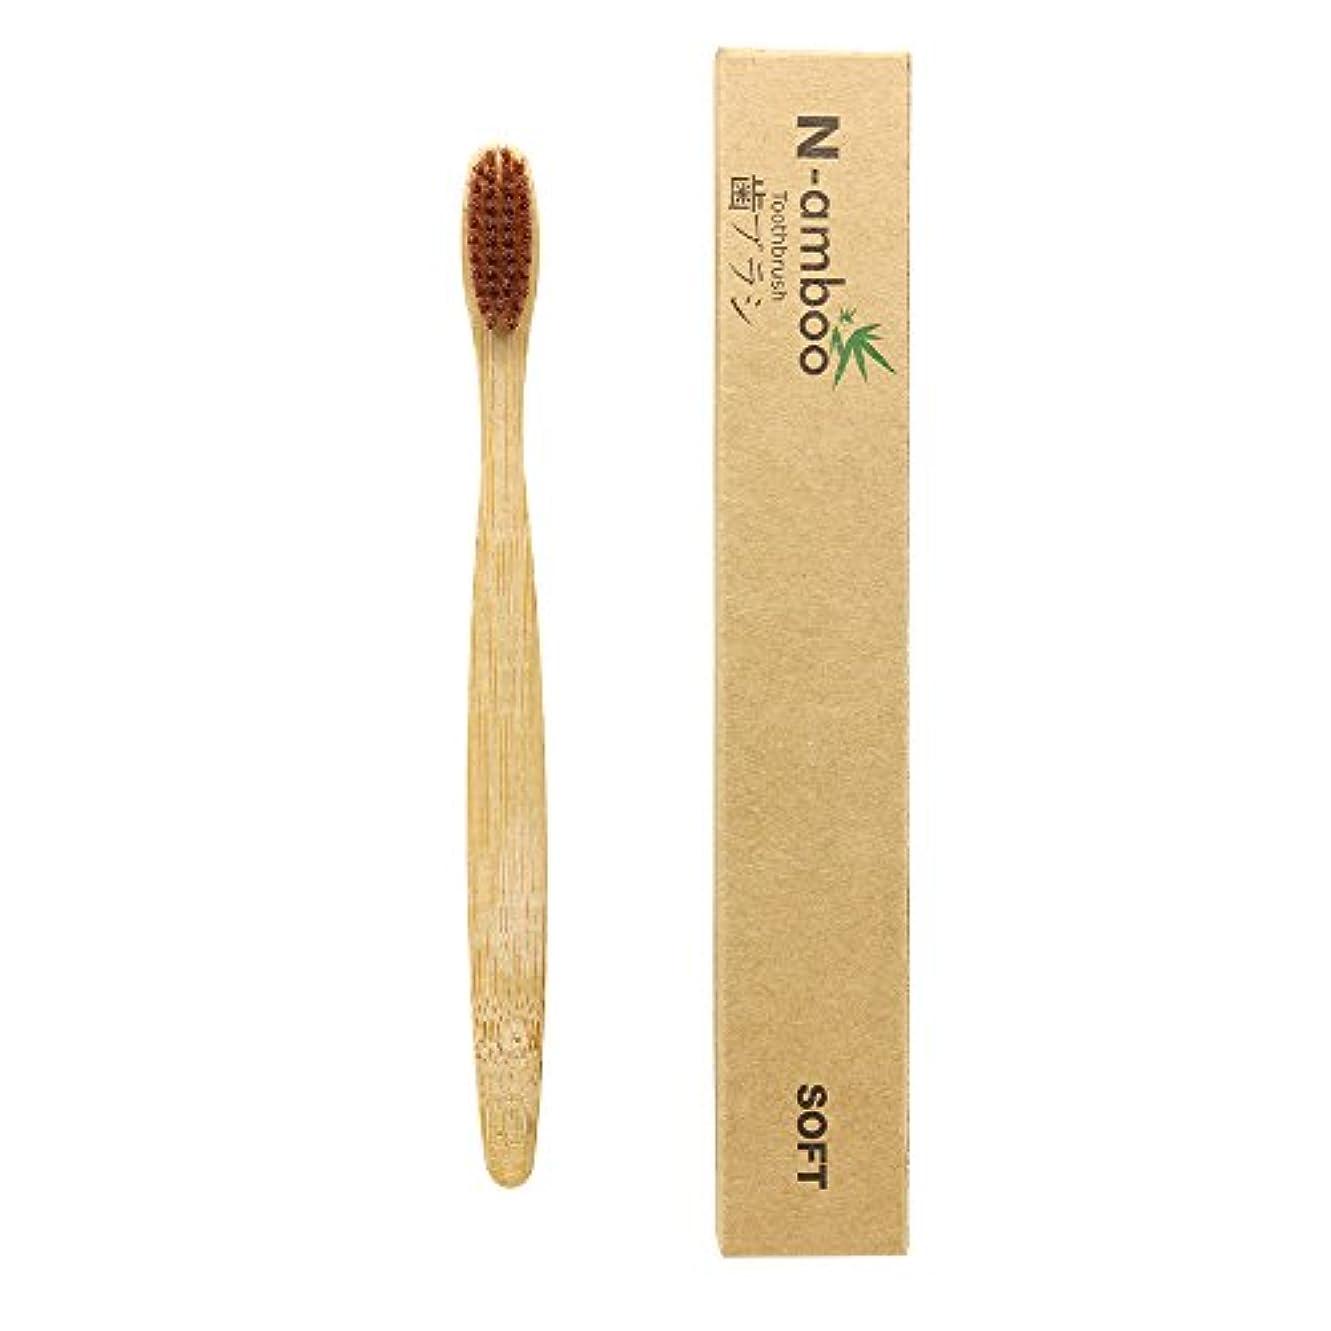 無知長々とイースターN-amboo 竹製耐久度高い 歯ブラシ 茶褐色 1本入り